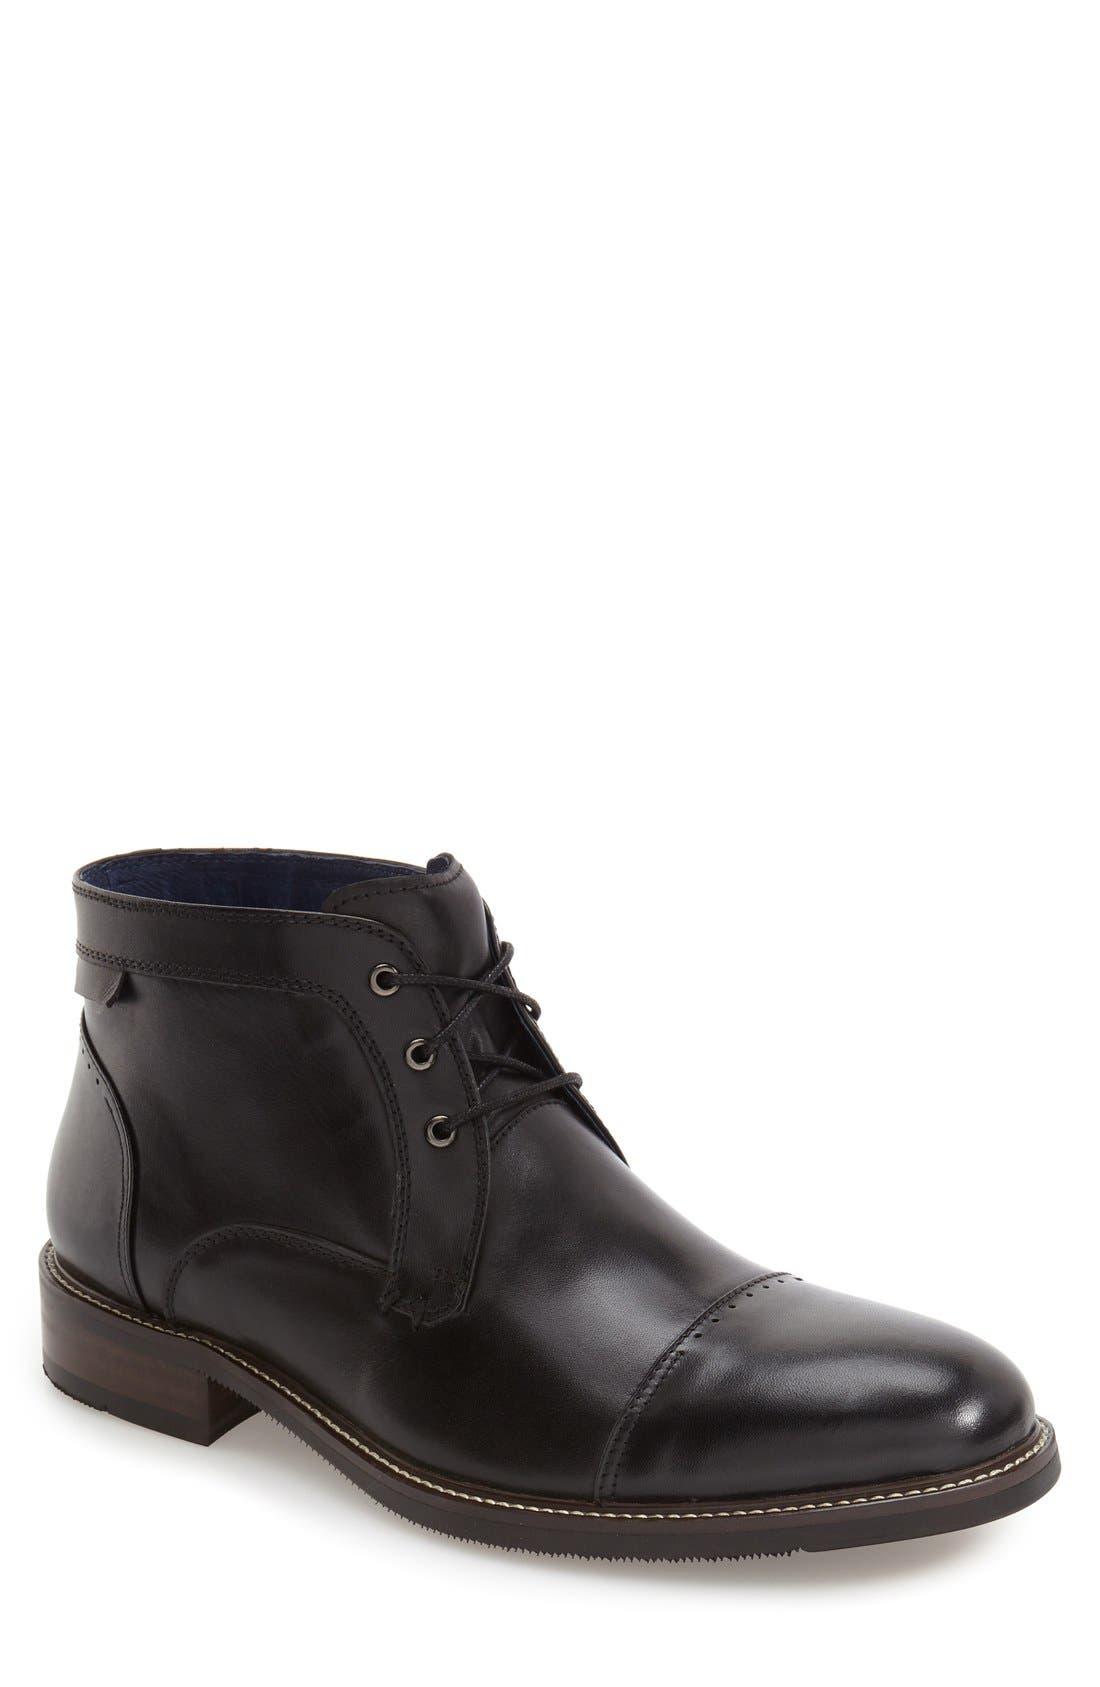 'Rubano' Chukka Boot,                         Main,                         color, Black